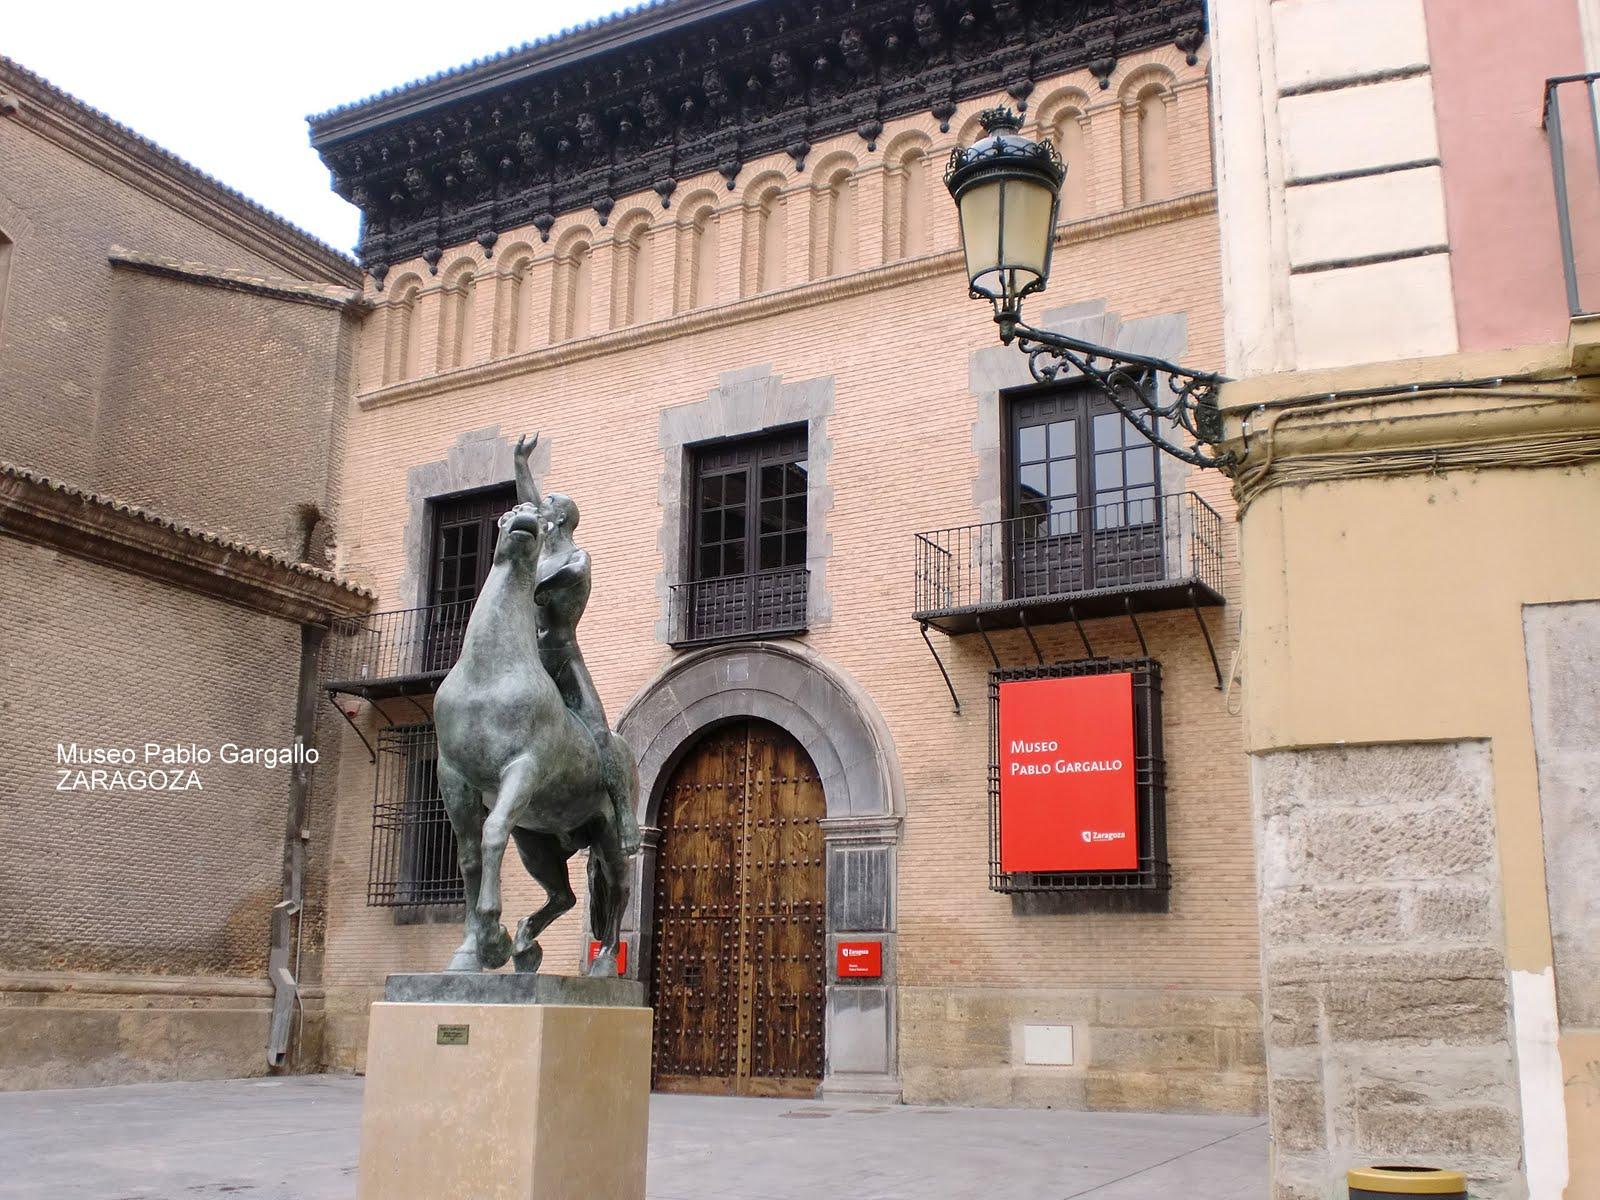 República de Brulamia: PABLO GARGALLO- MUSEO Y ALGUNAS ESCULTURAS-ZARAGOZA